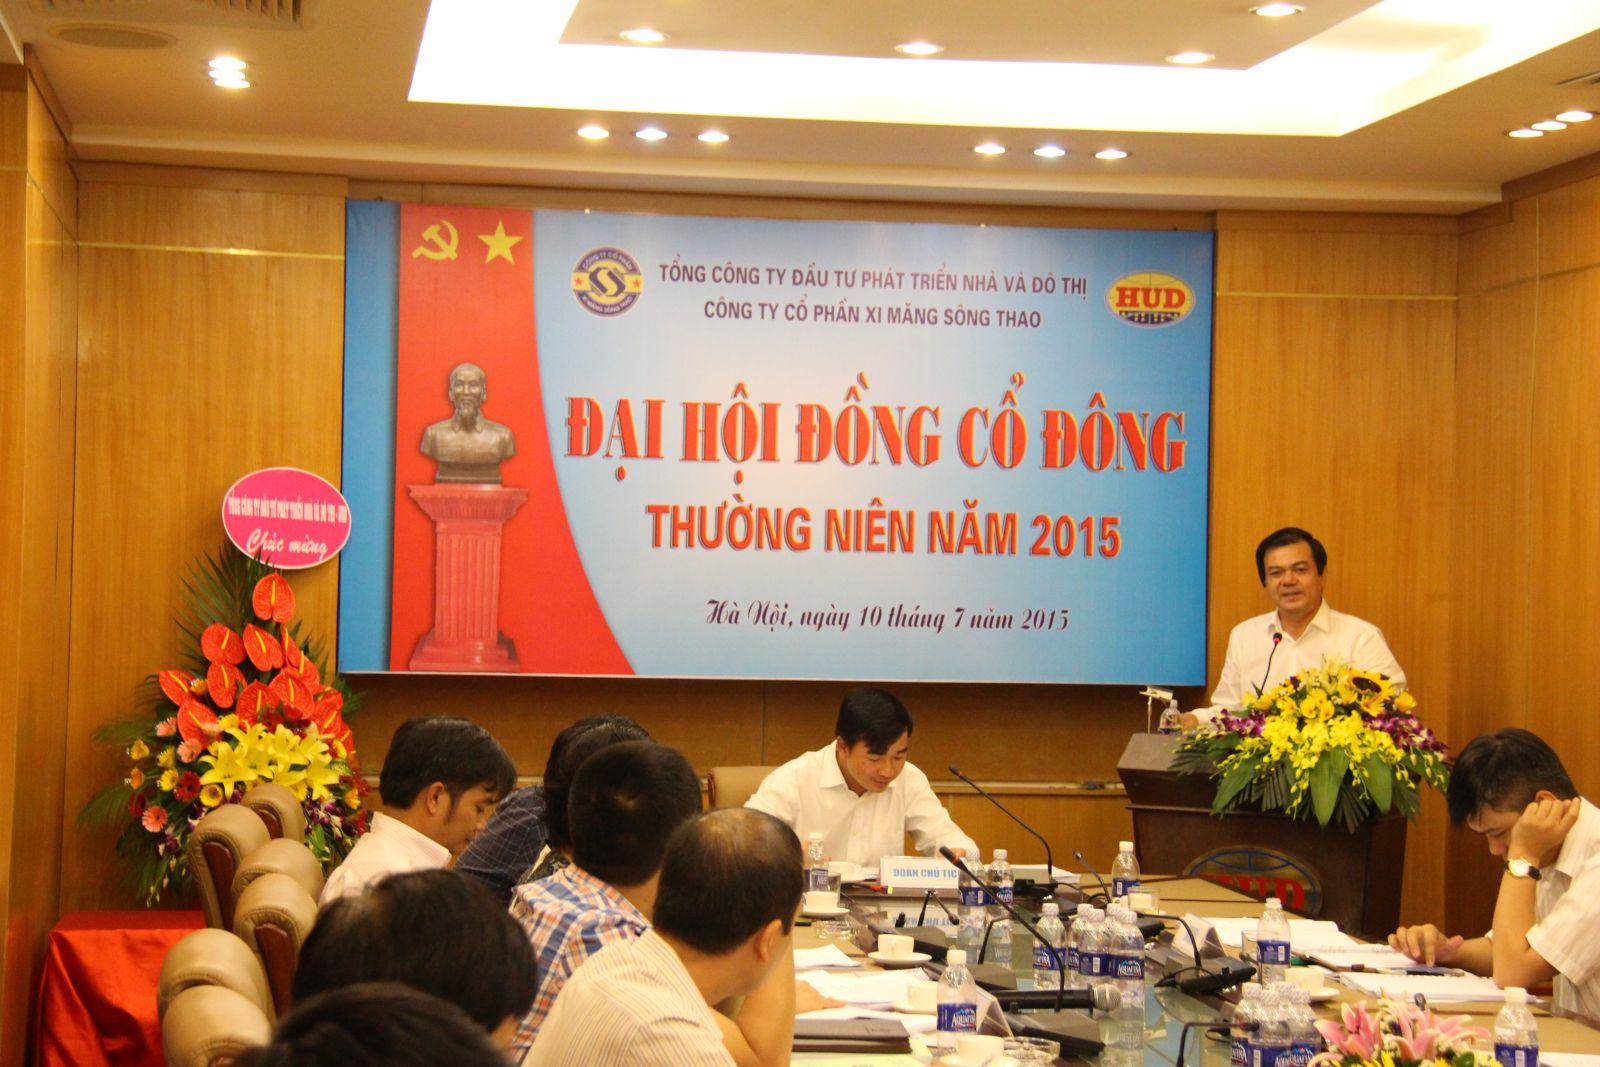 Tổ chức thành công Đại hội đồng cổ đông thường niên năm 2015